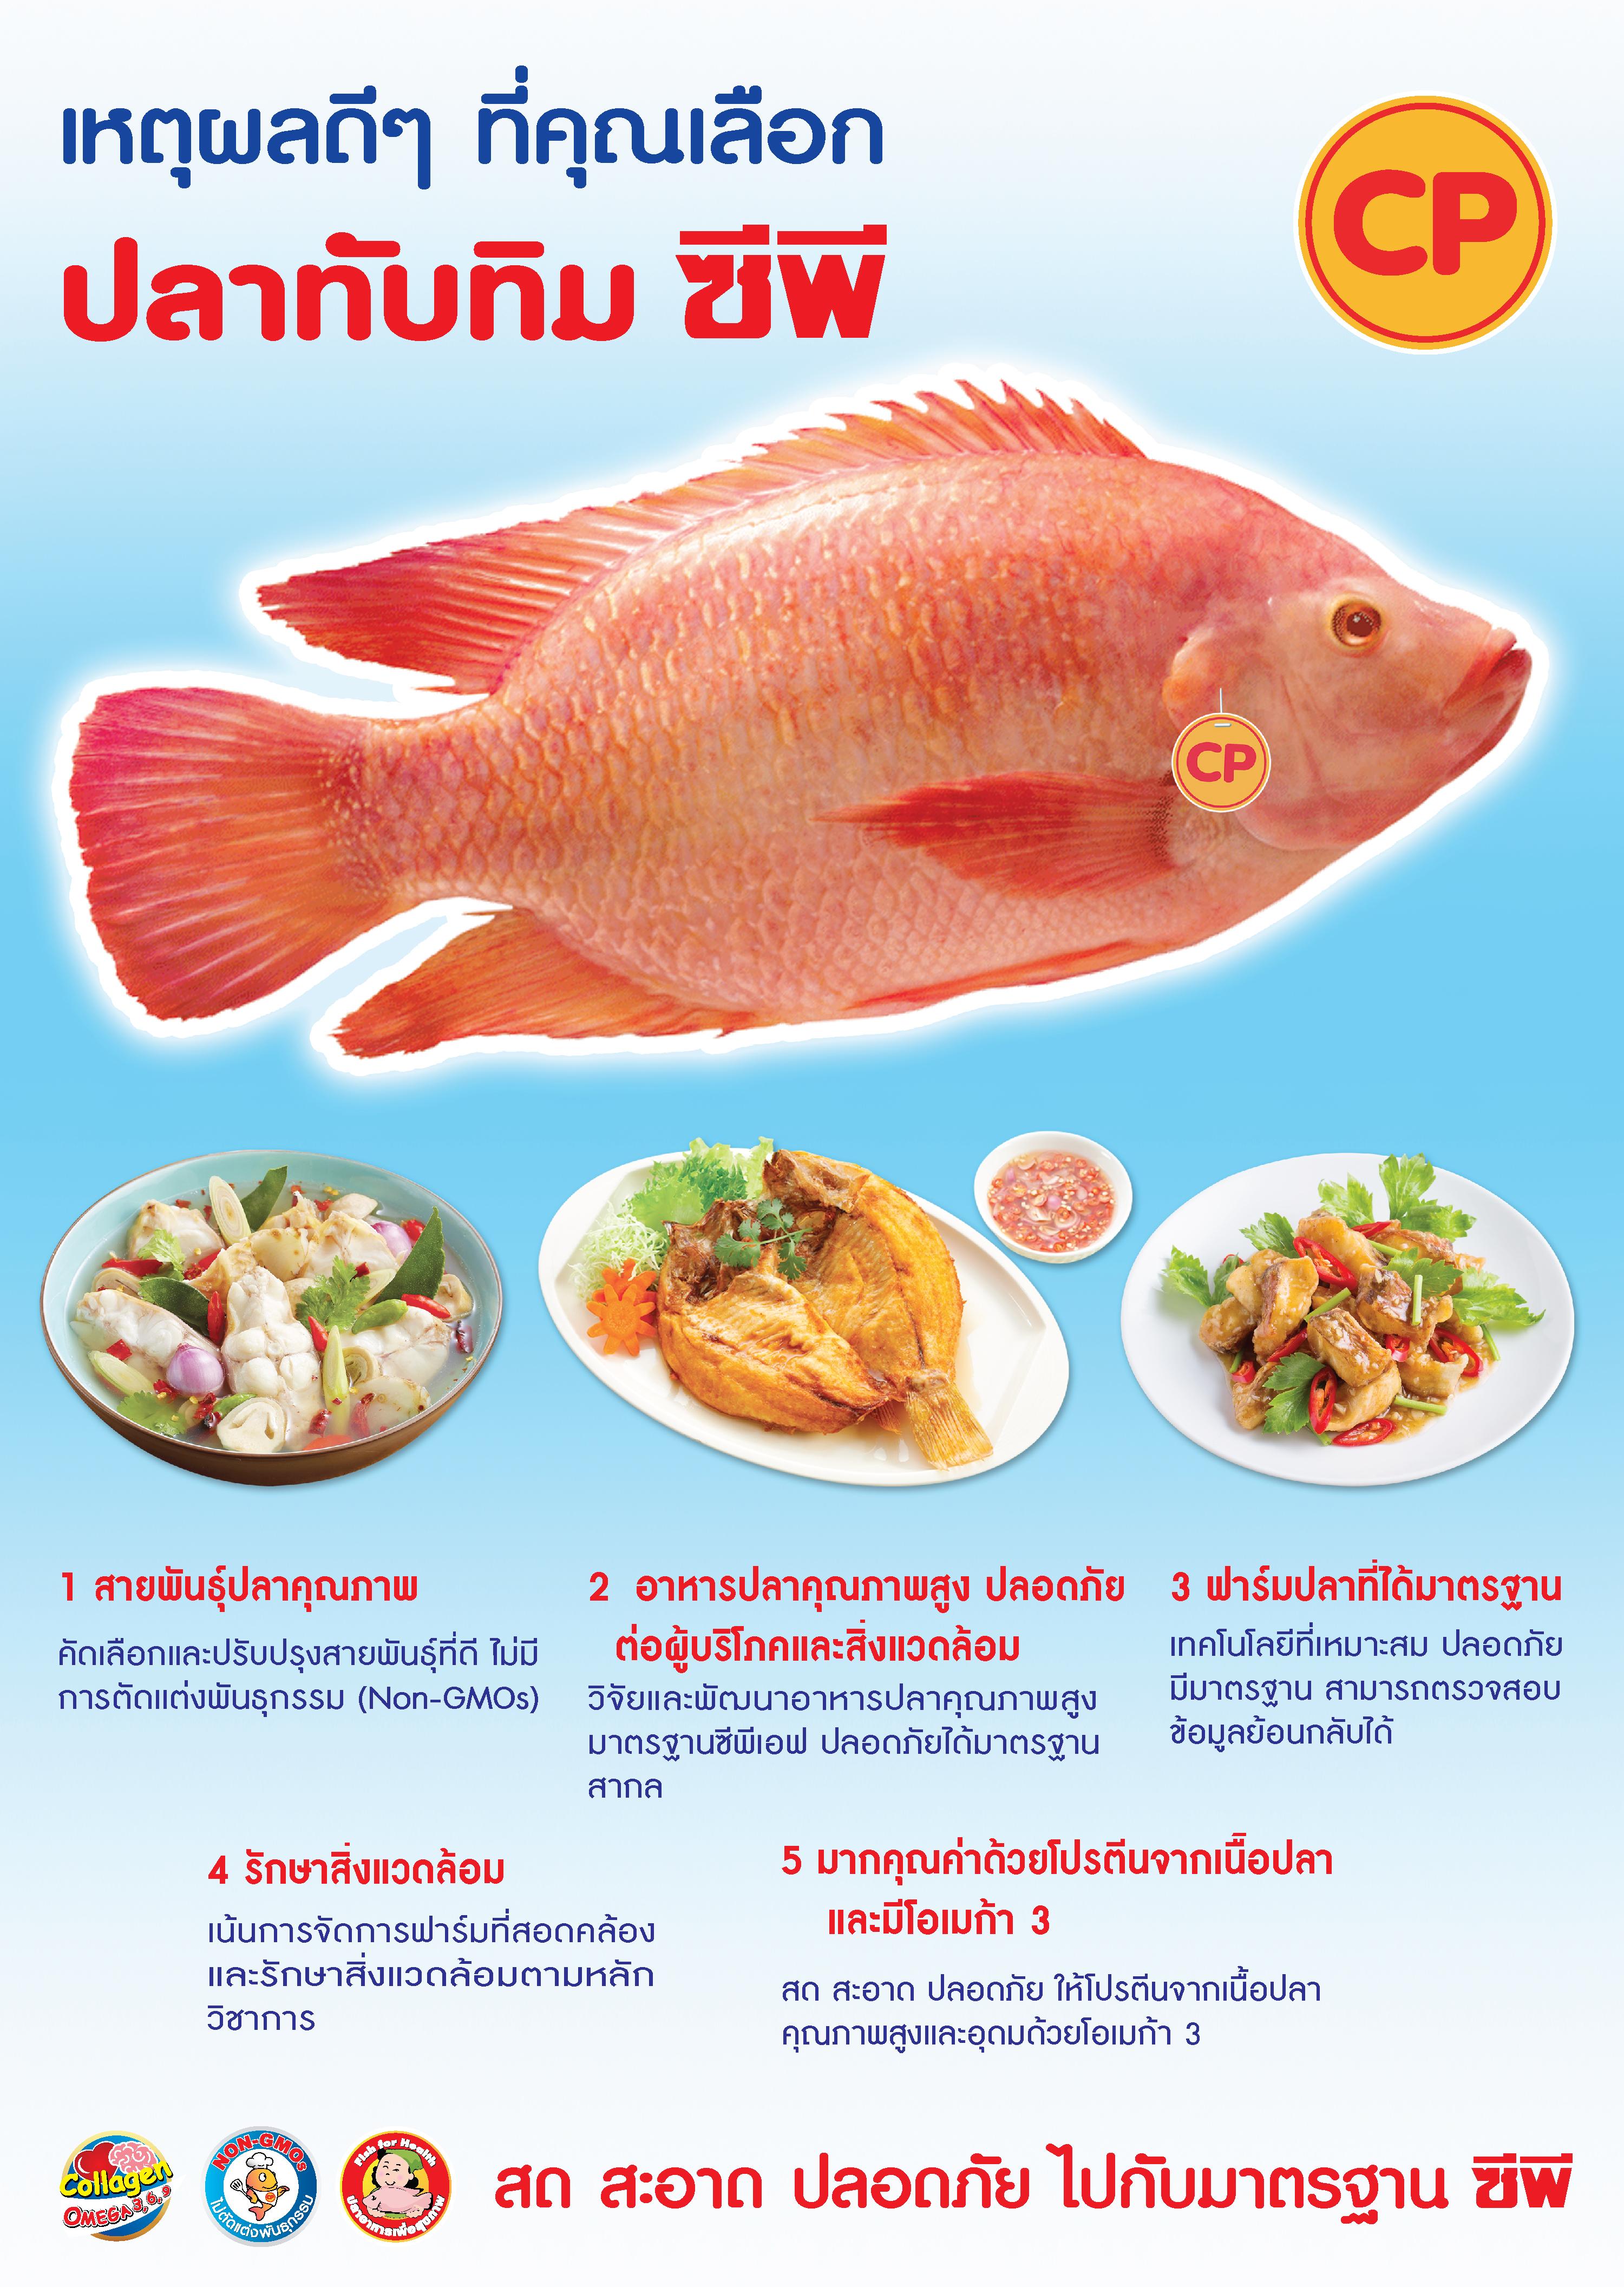 เหตุผลดีๆ ที่คุณเลือก ปลาทับทิม ซีพี